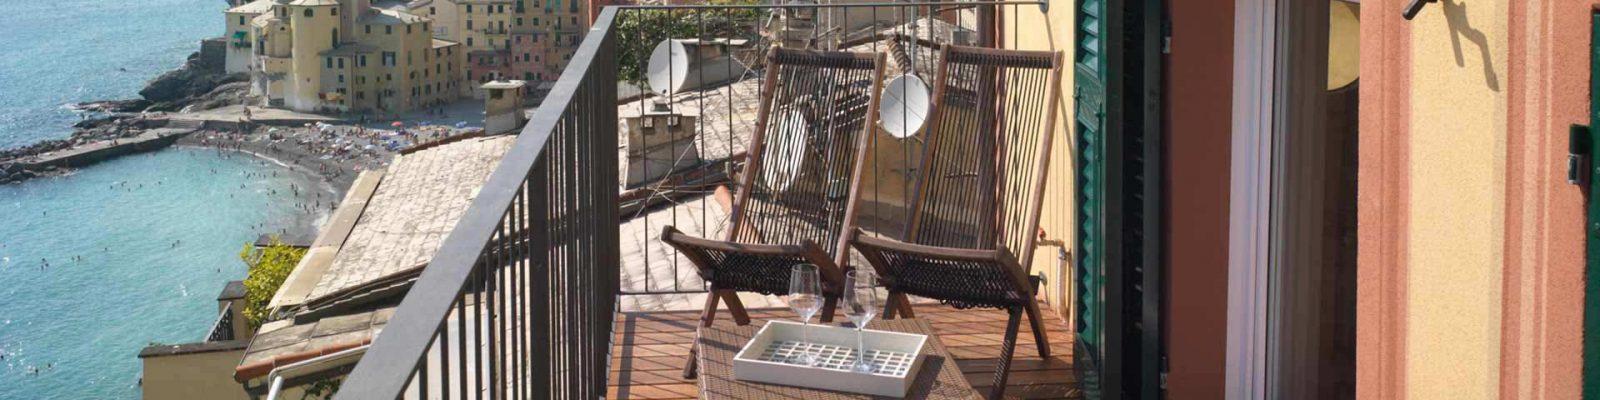 Vista di un terrazzo con finestre e persiane in legno